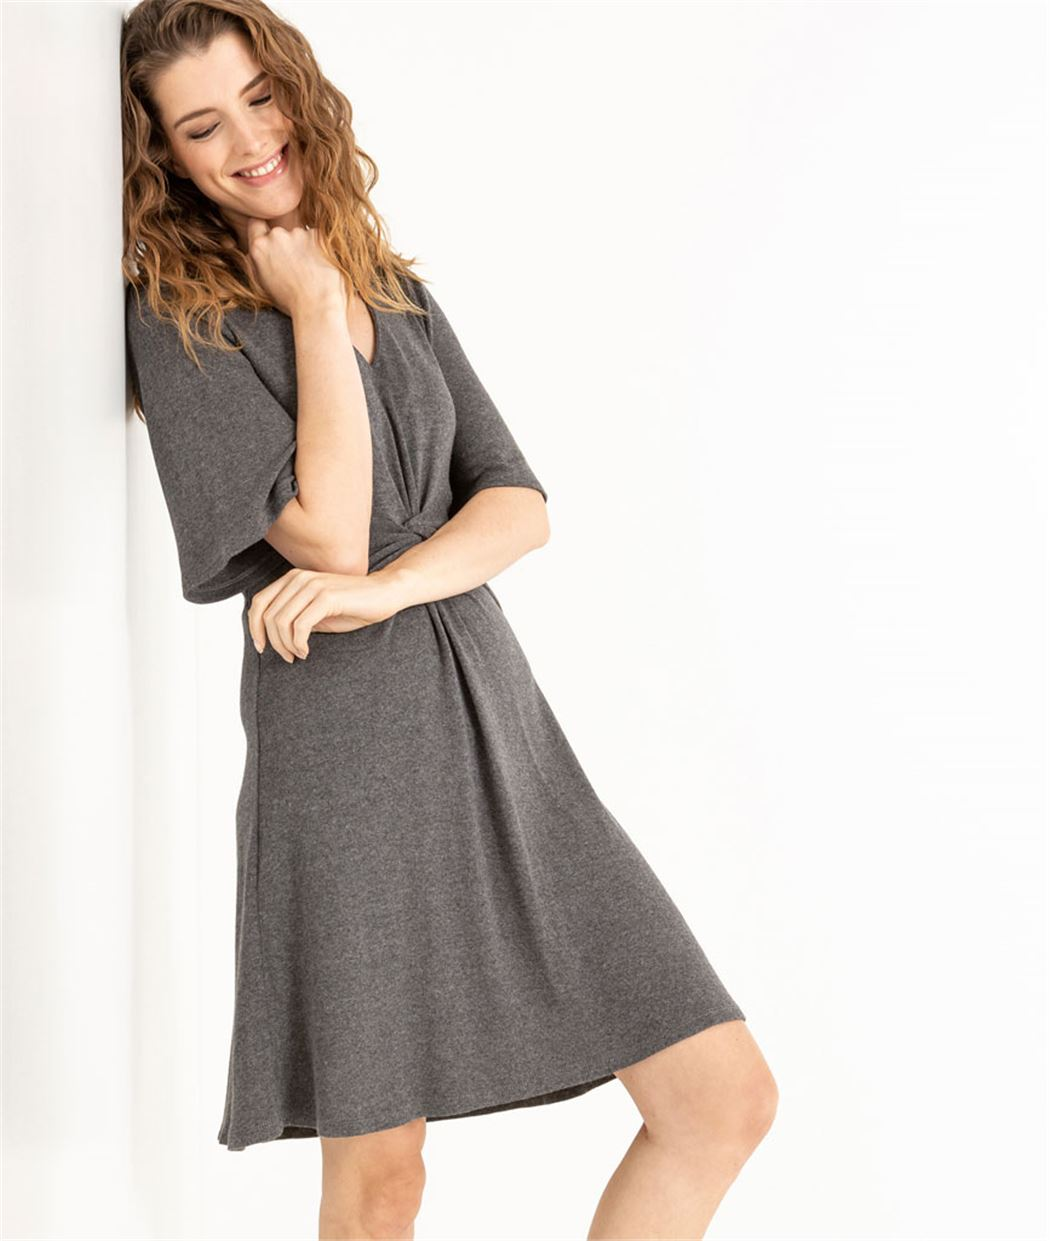 Robe femme gris avec twist à l'avant GRIS